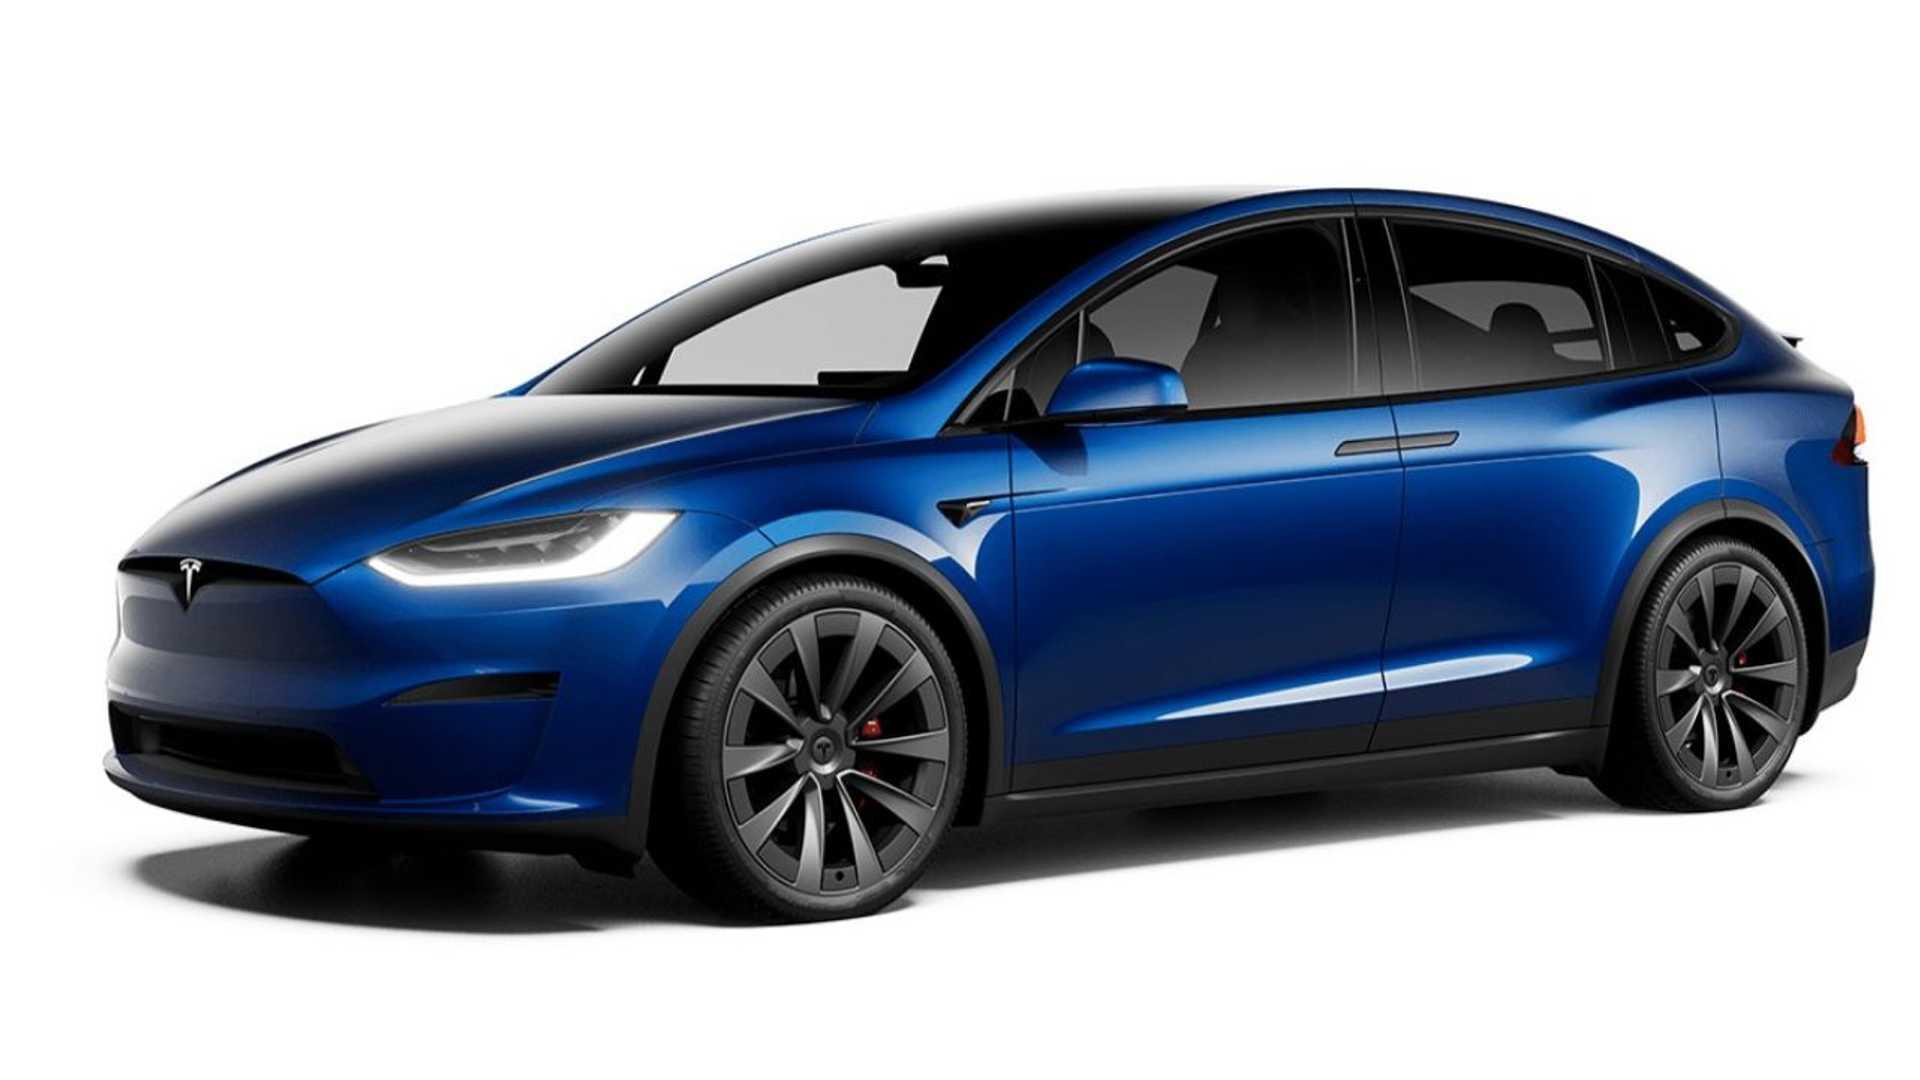 Электрический кроссовер Tesla Model X получил обновления (фото) 1